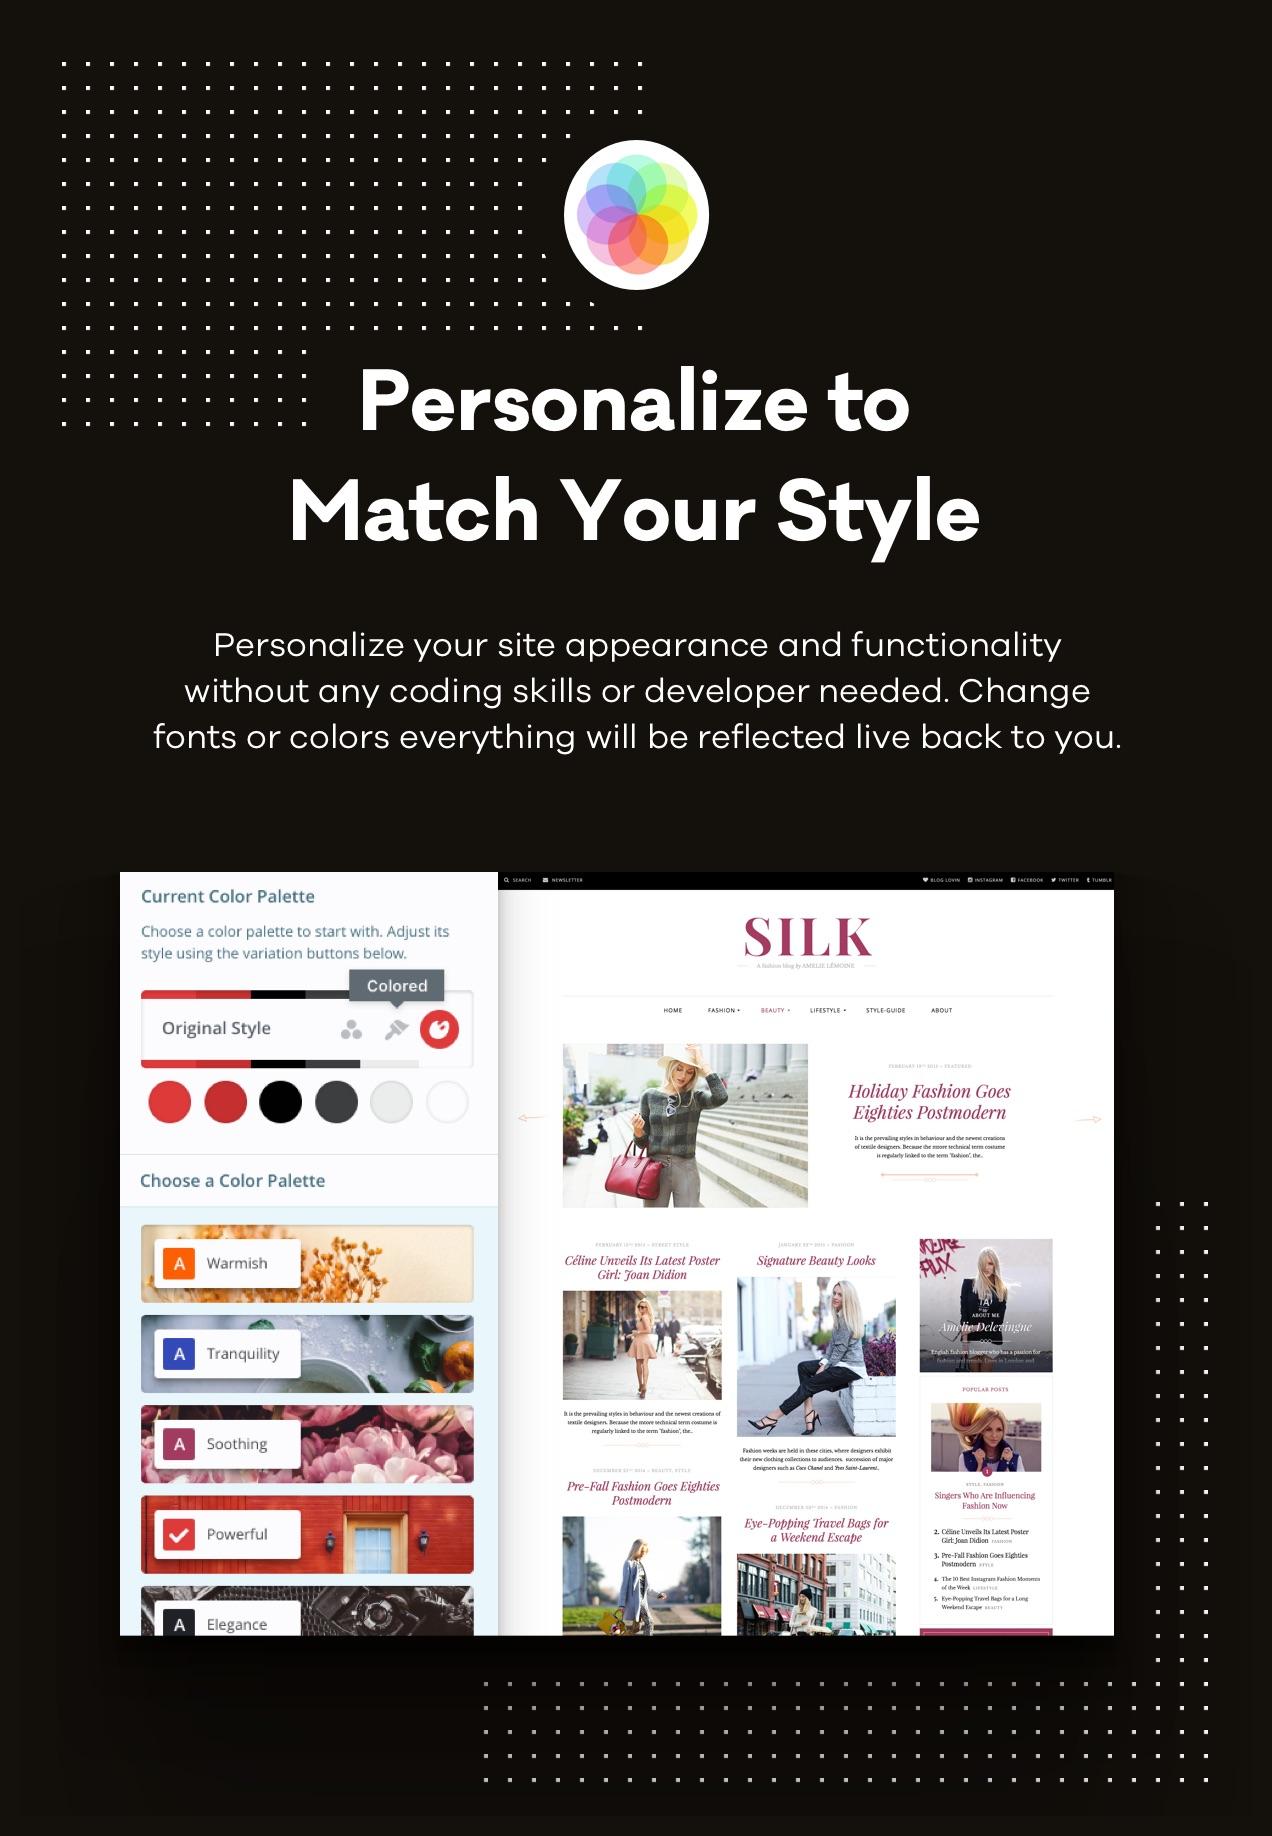 Personalisieren, um Ihrem Stil zu entsprechen